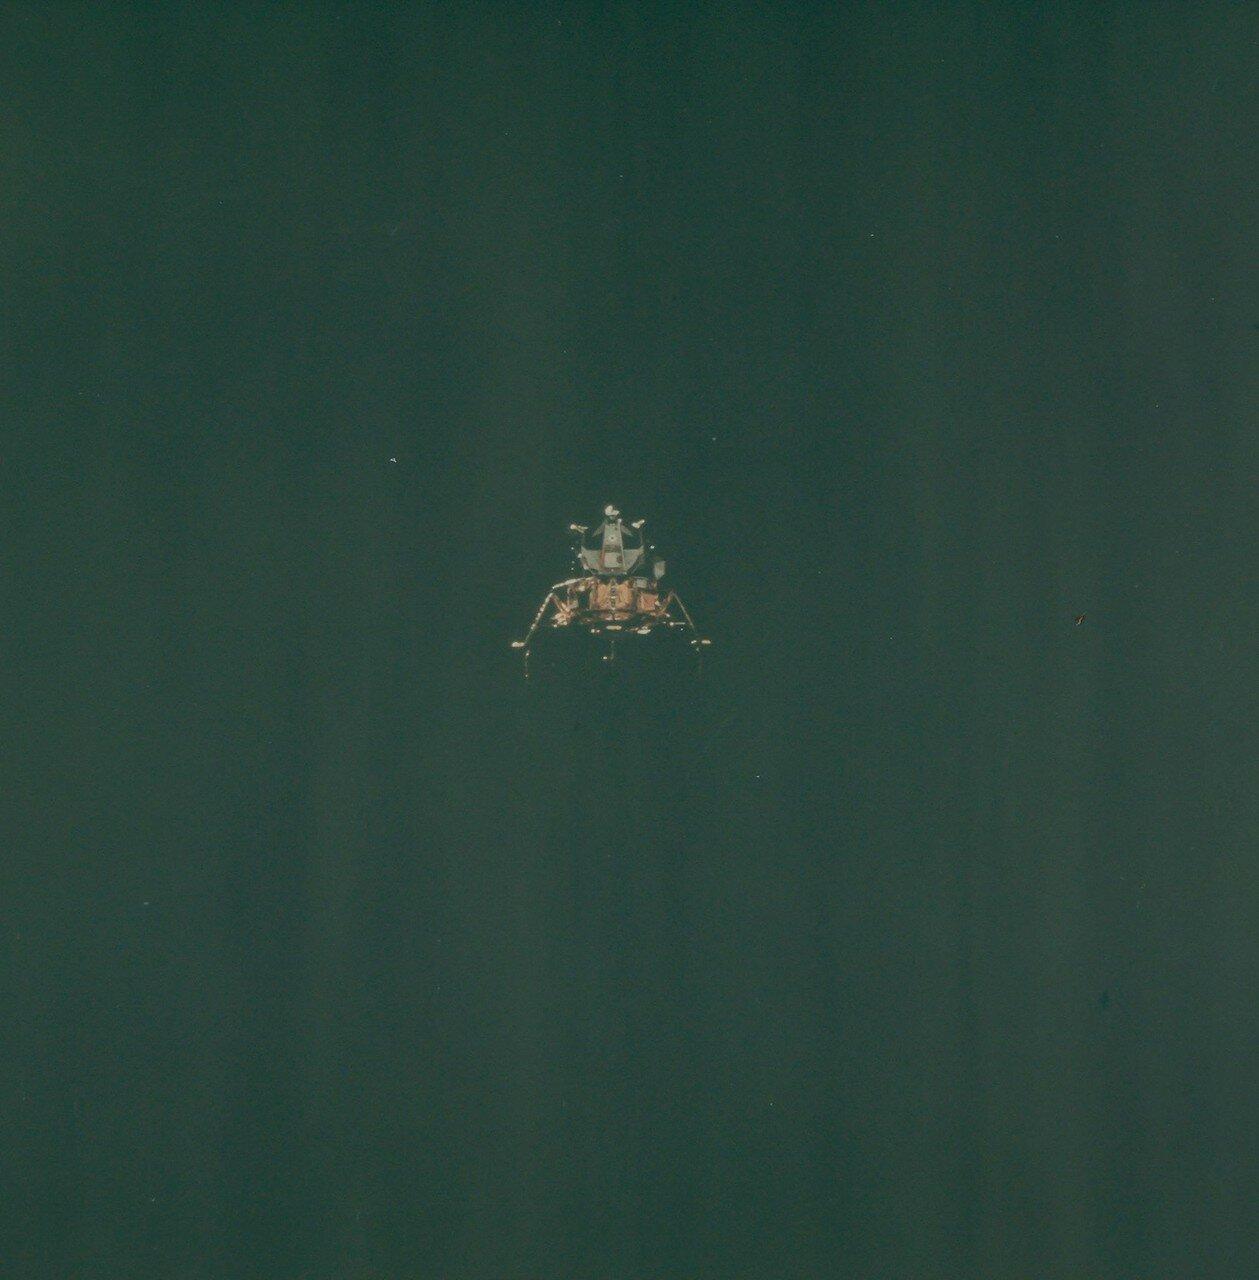 Стыковка командного модуля с лунным модулем, находившимся на последней ступени ракеты-носителя, удалась только с шестой попытки. На снимке: Л.М. отделяется от Командного Модуля